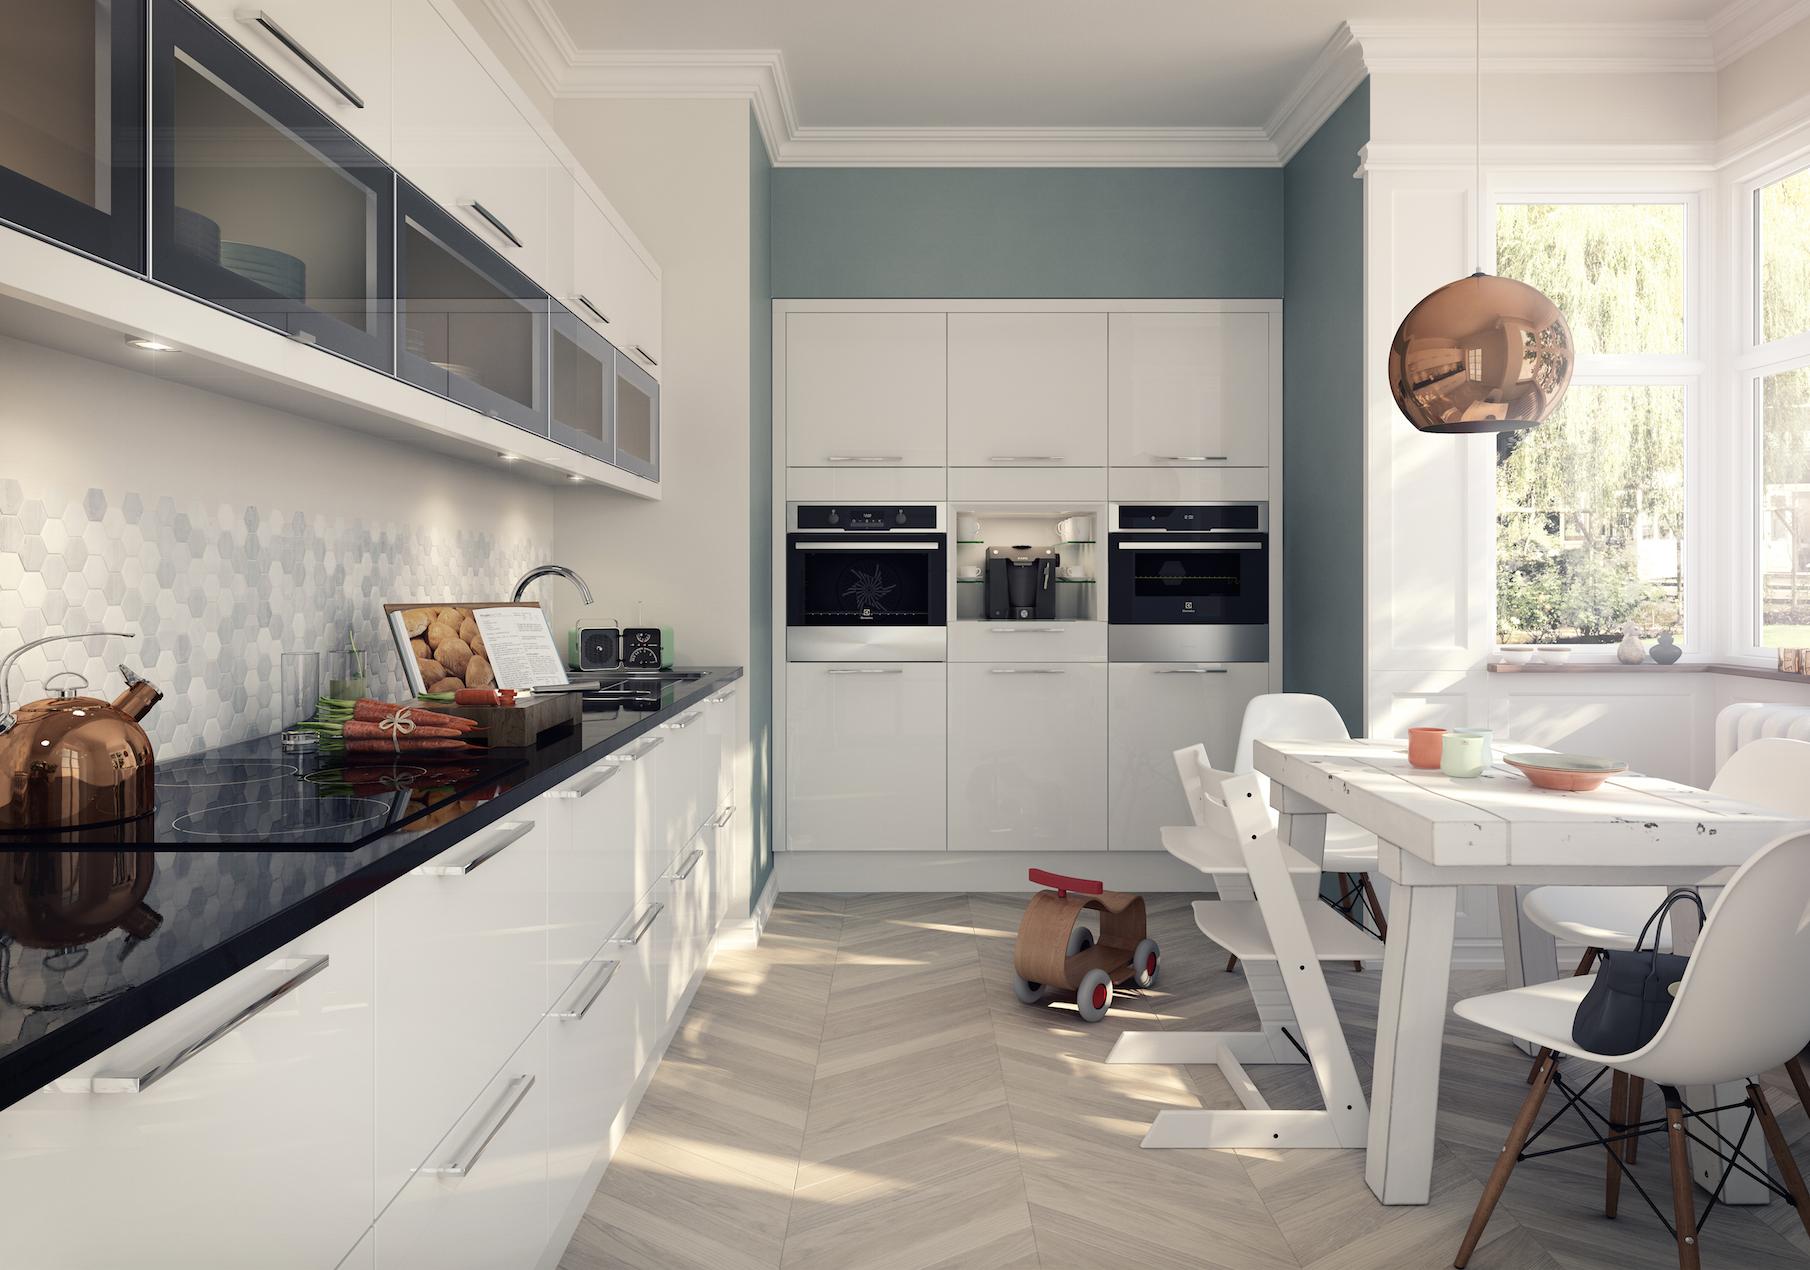 Studio White fitted kitchen by whitekitchen